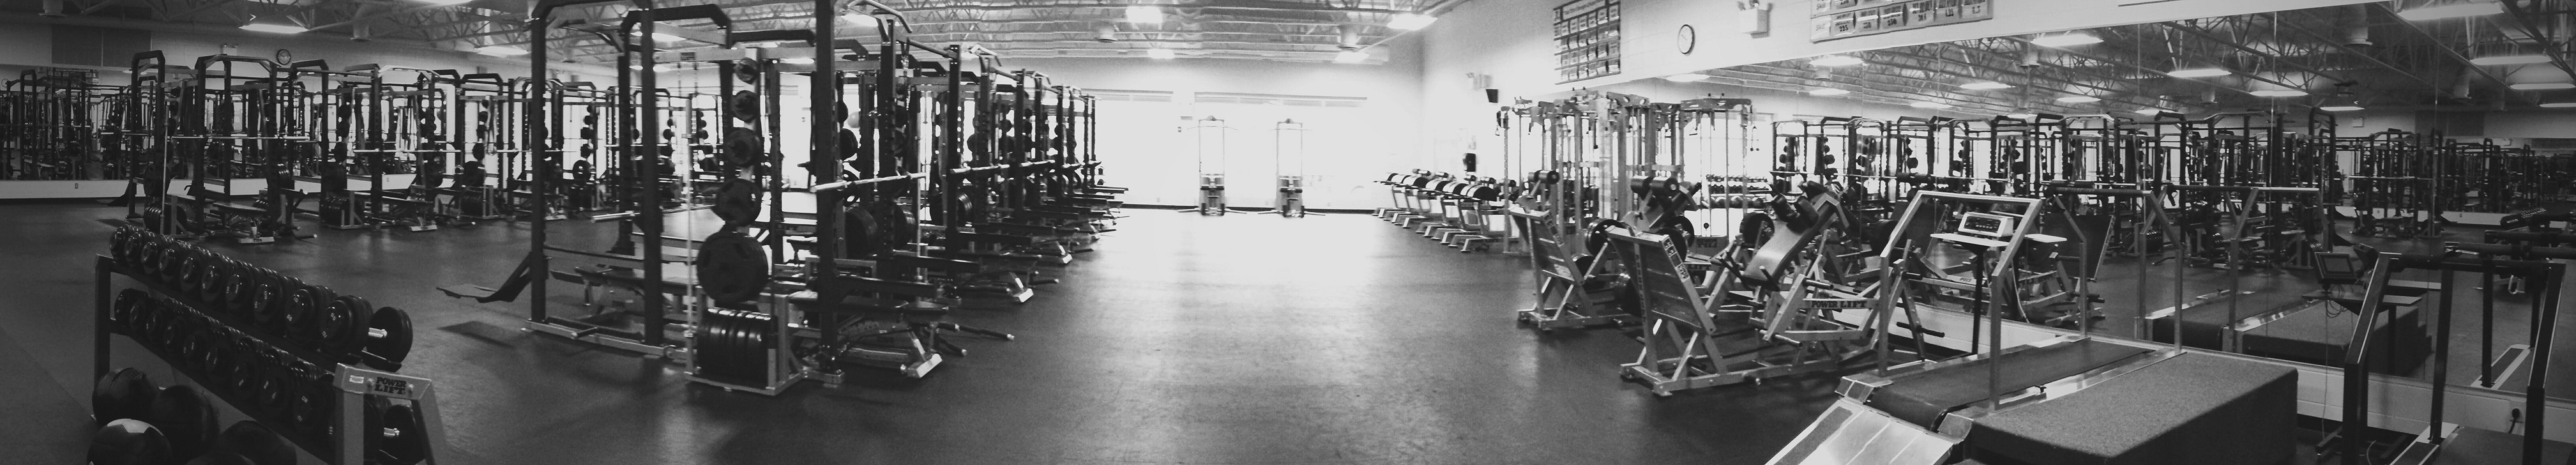 the strength of sparta Fitness centrum praha 9 nabízíme špičkové vybavení, nejmodernější tréninkové metody posilování, funkčního tréninku a jedinečný koncept.